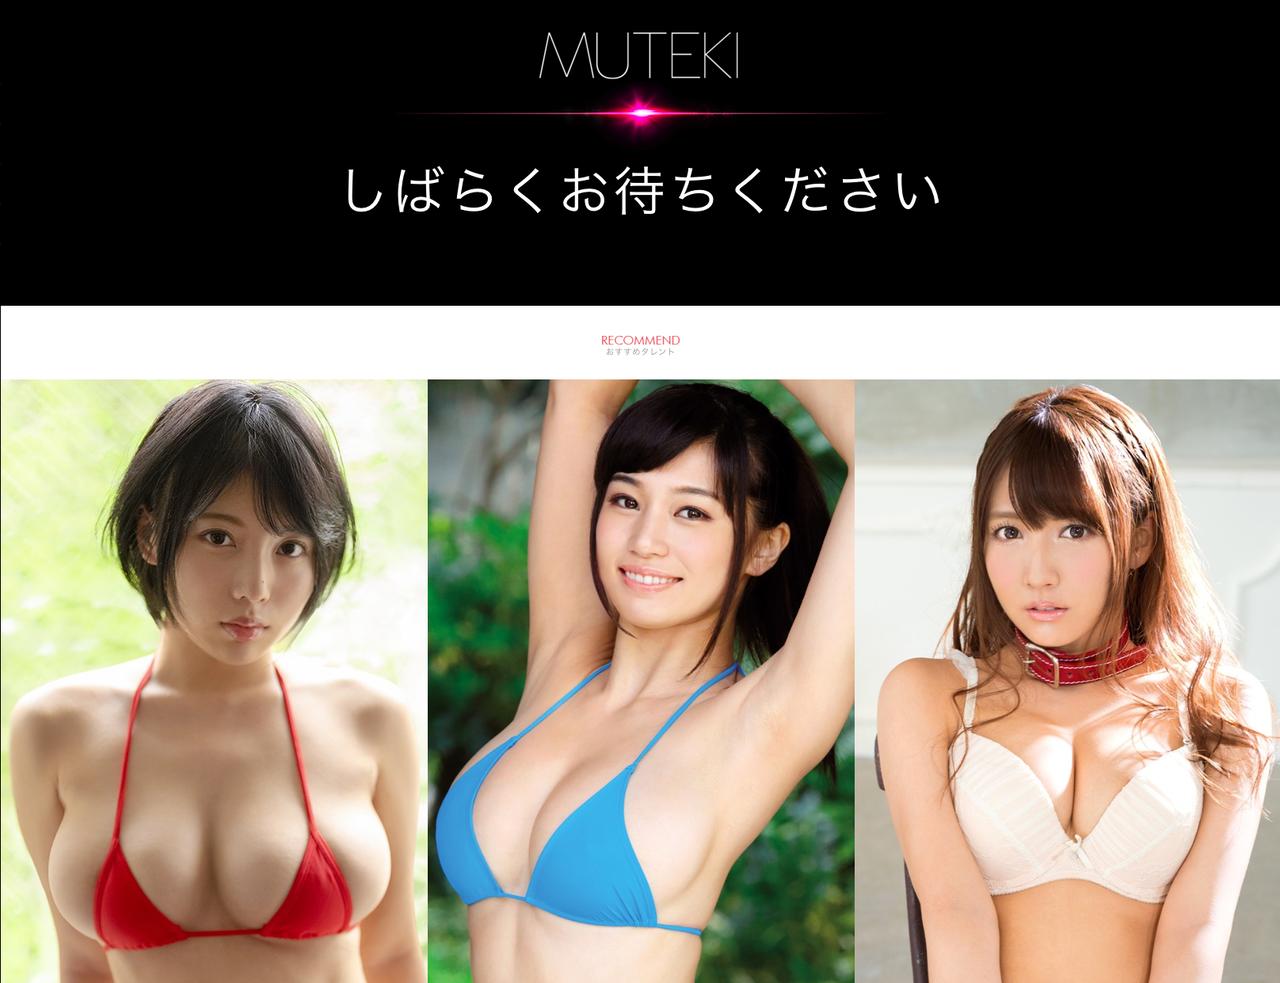 カヲル 位 安 デビュー muteki グラビア 令 カヲル 安 1 和 位 no ランキング